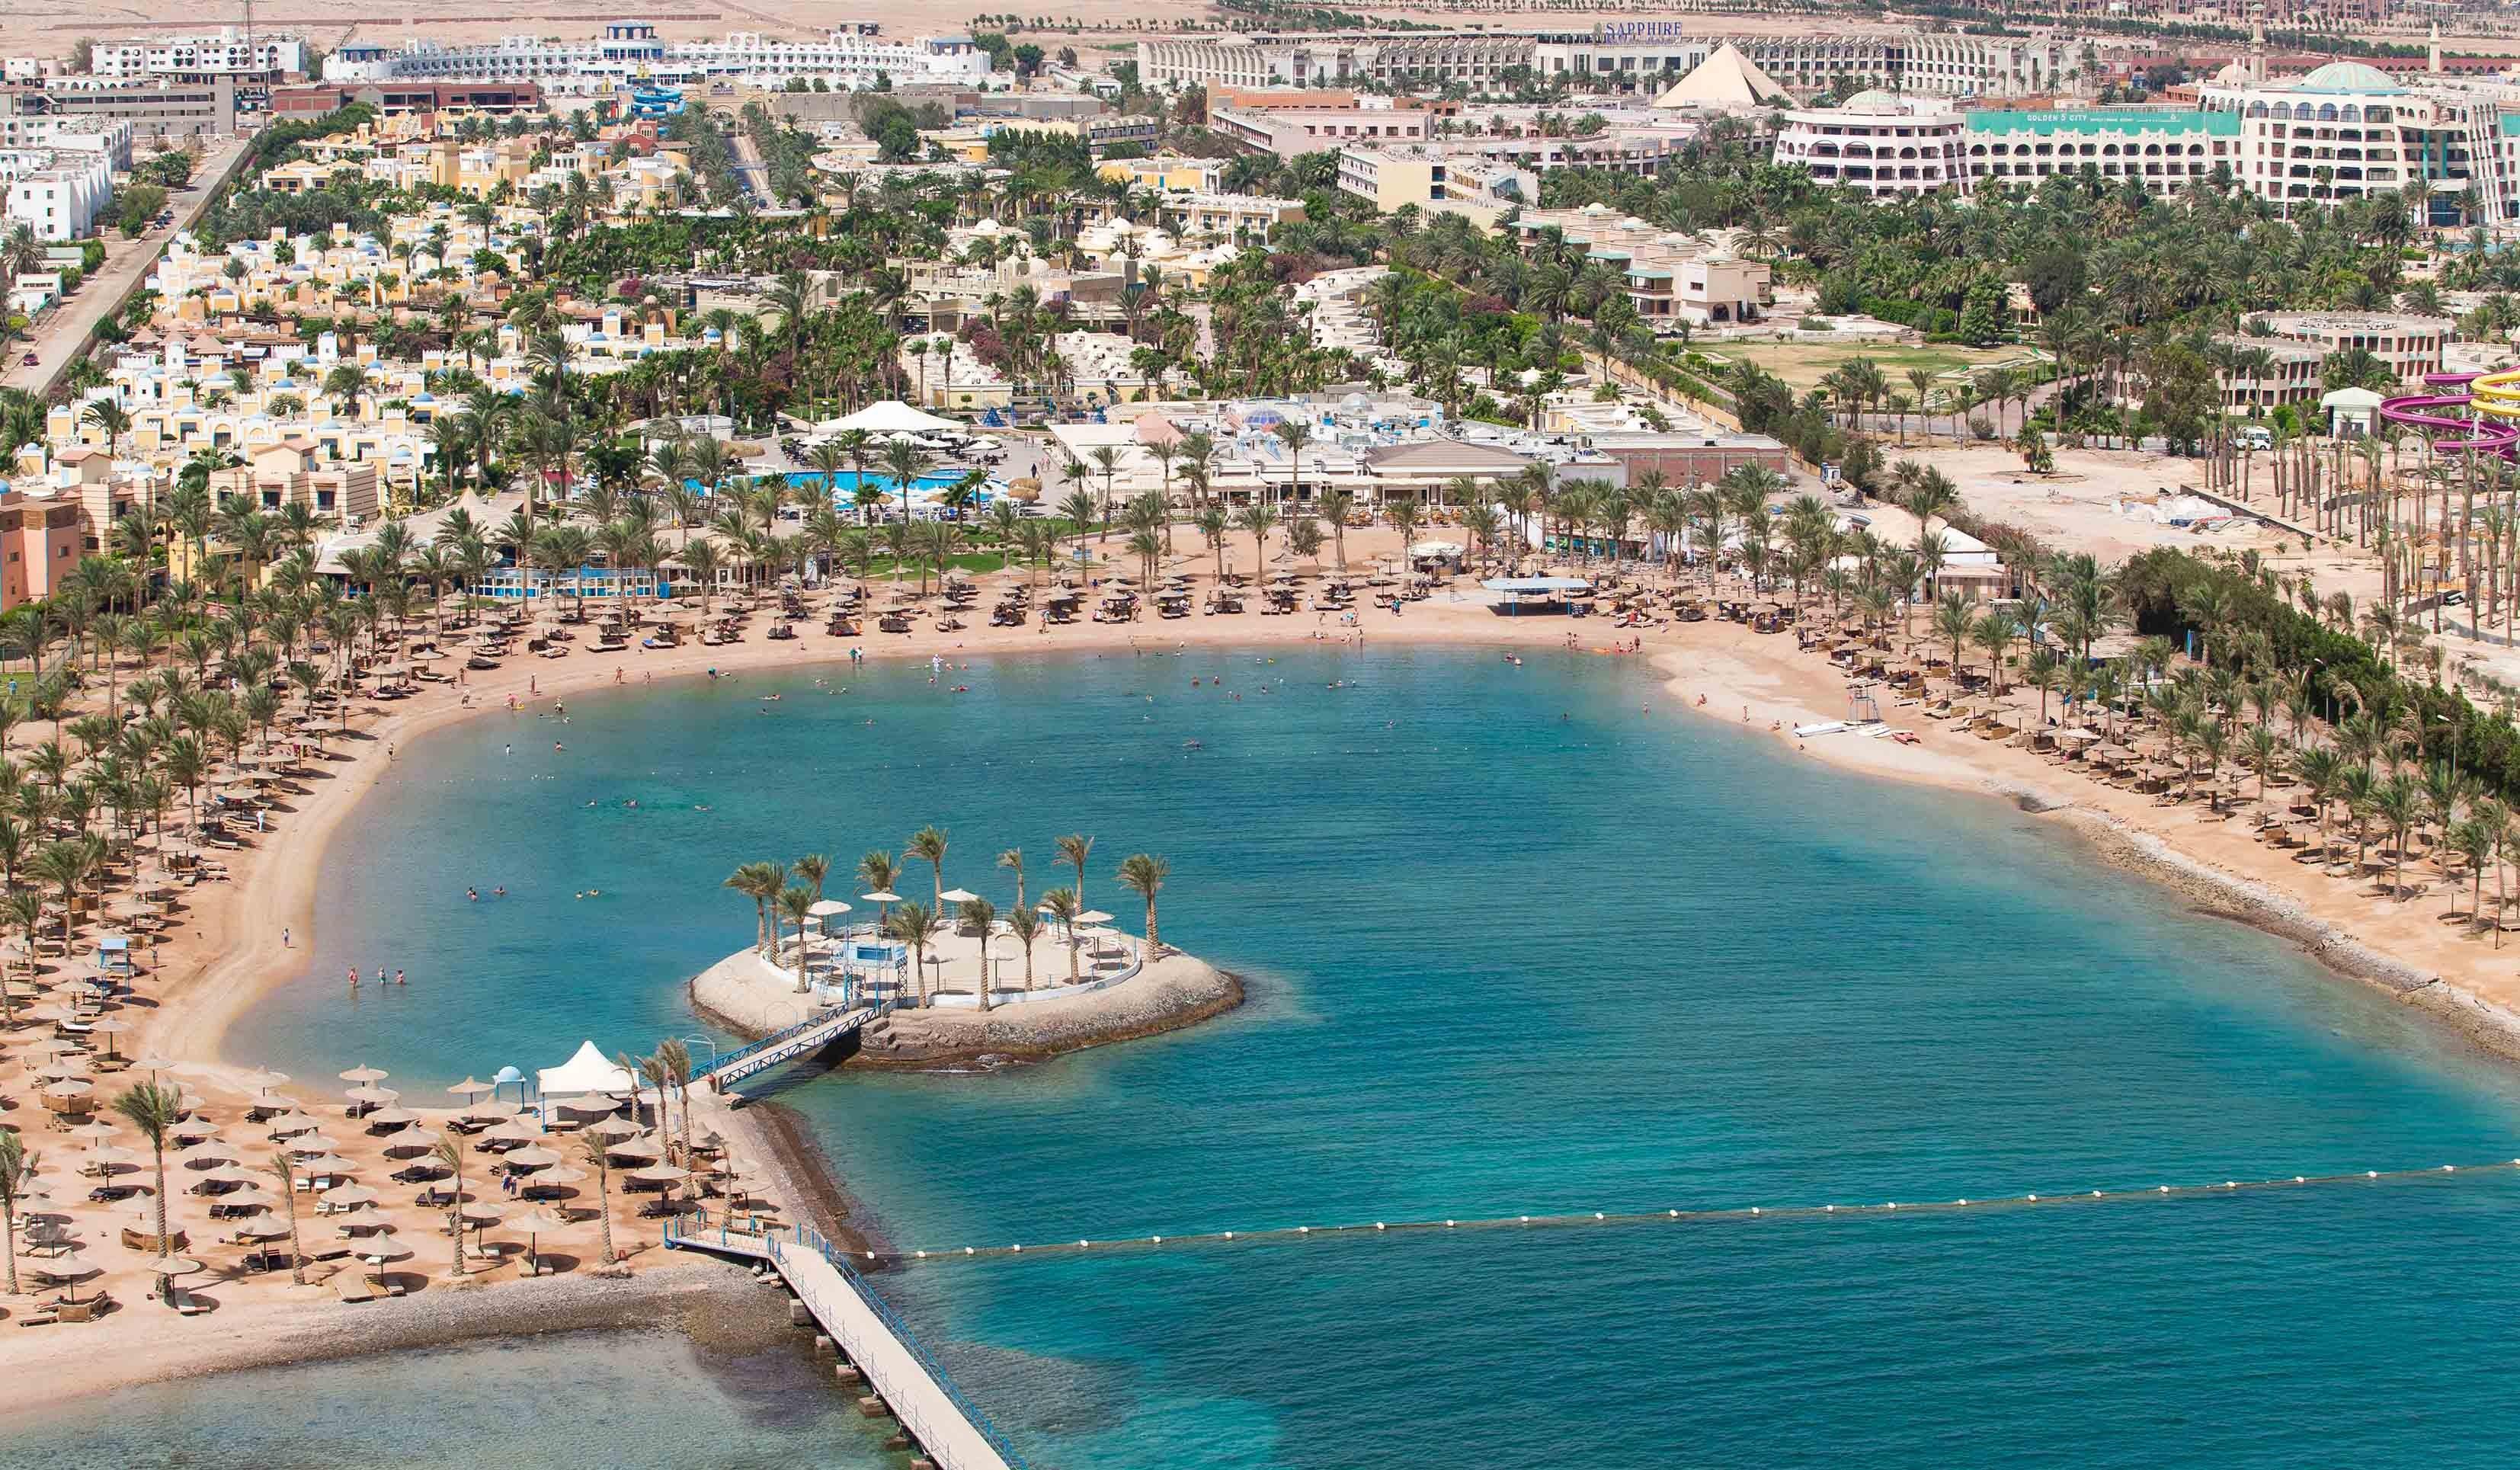 ВЕгипте из-за сокращения турпотока закрылись 220 отелей